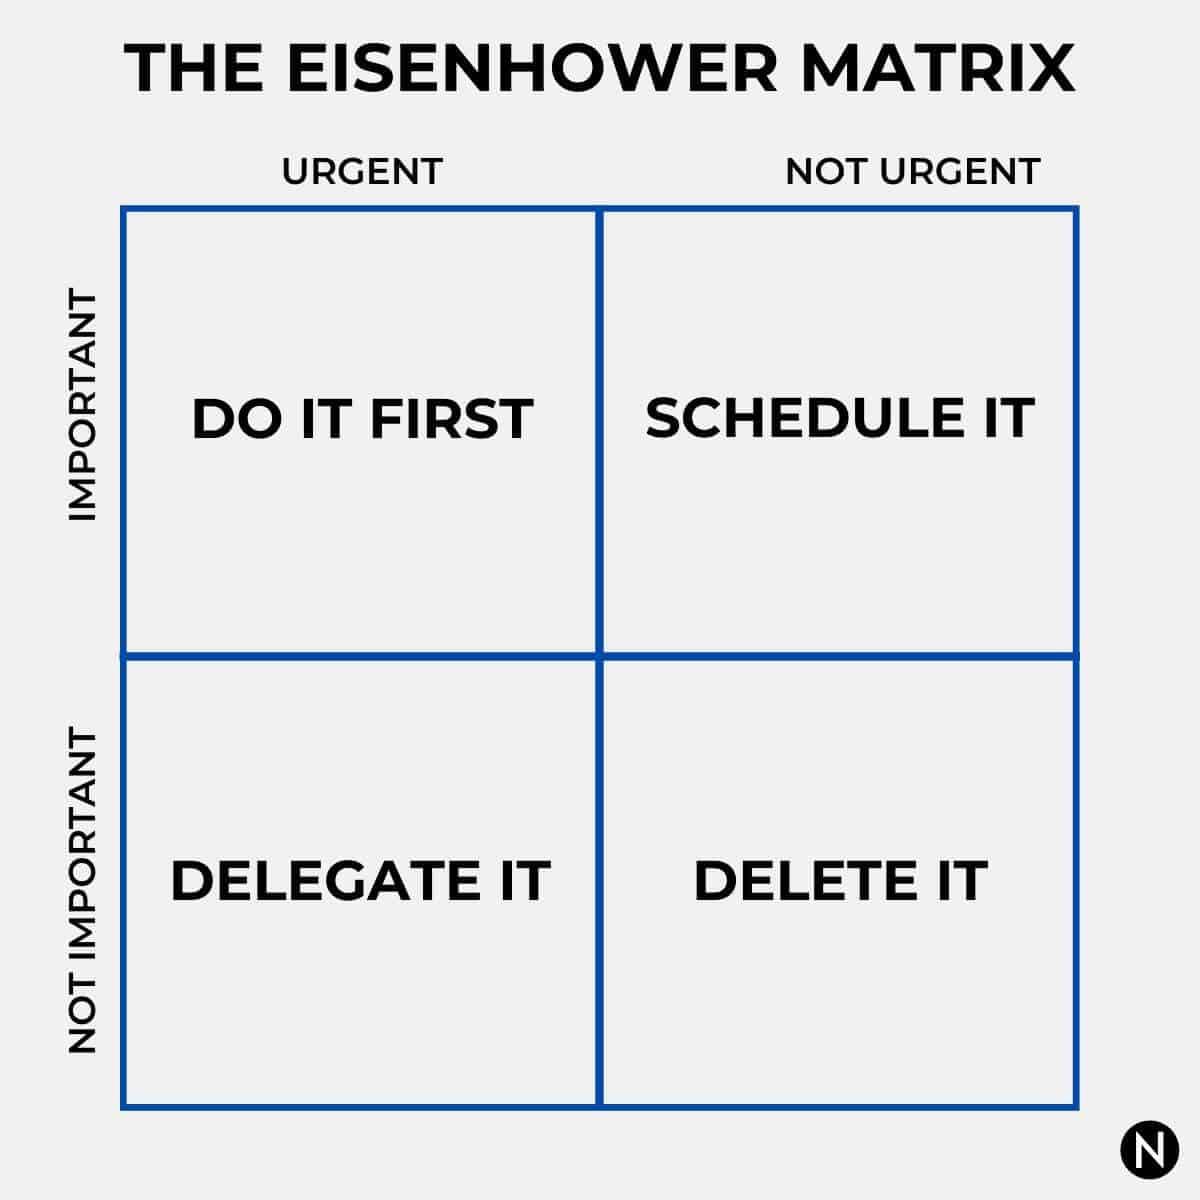 Urgent Vs Important Based On The Eisenhower Matrix